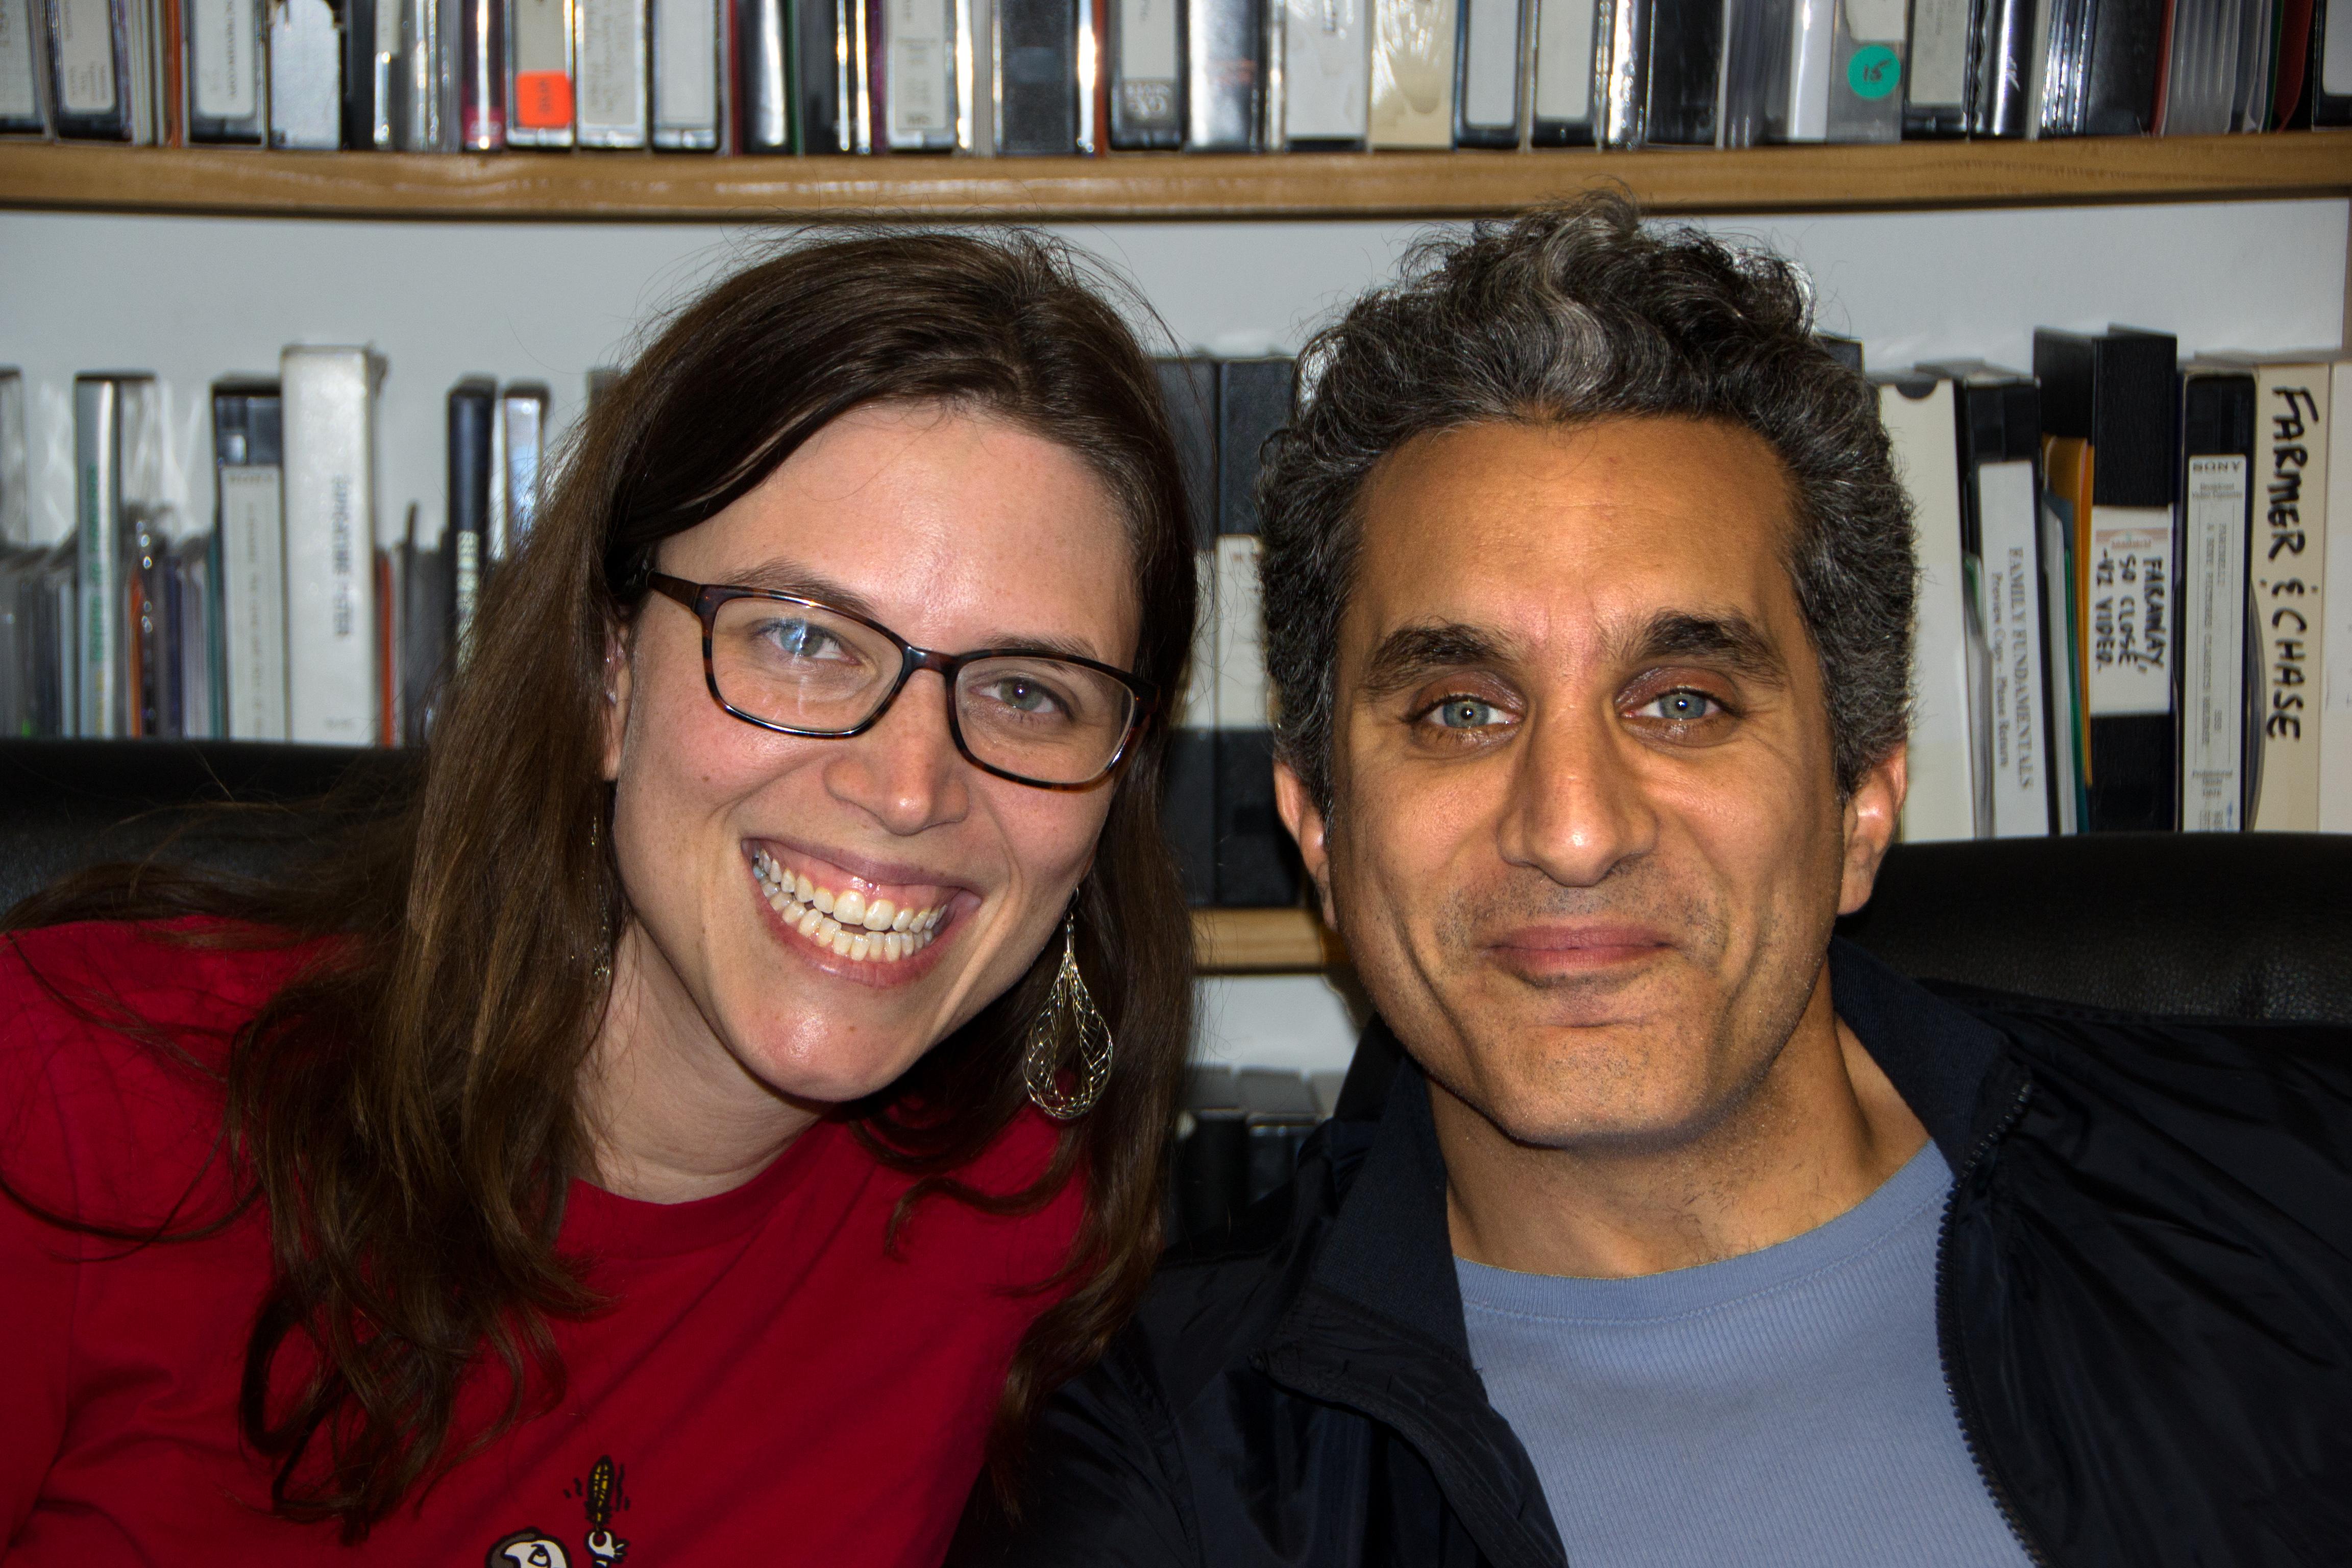 Caption: Sara Weksler & Dr. Bassem Youssef, San Francisco, CA 10/13/17, Credit: Andrea Chase